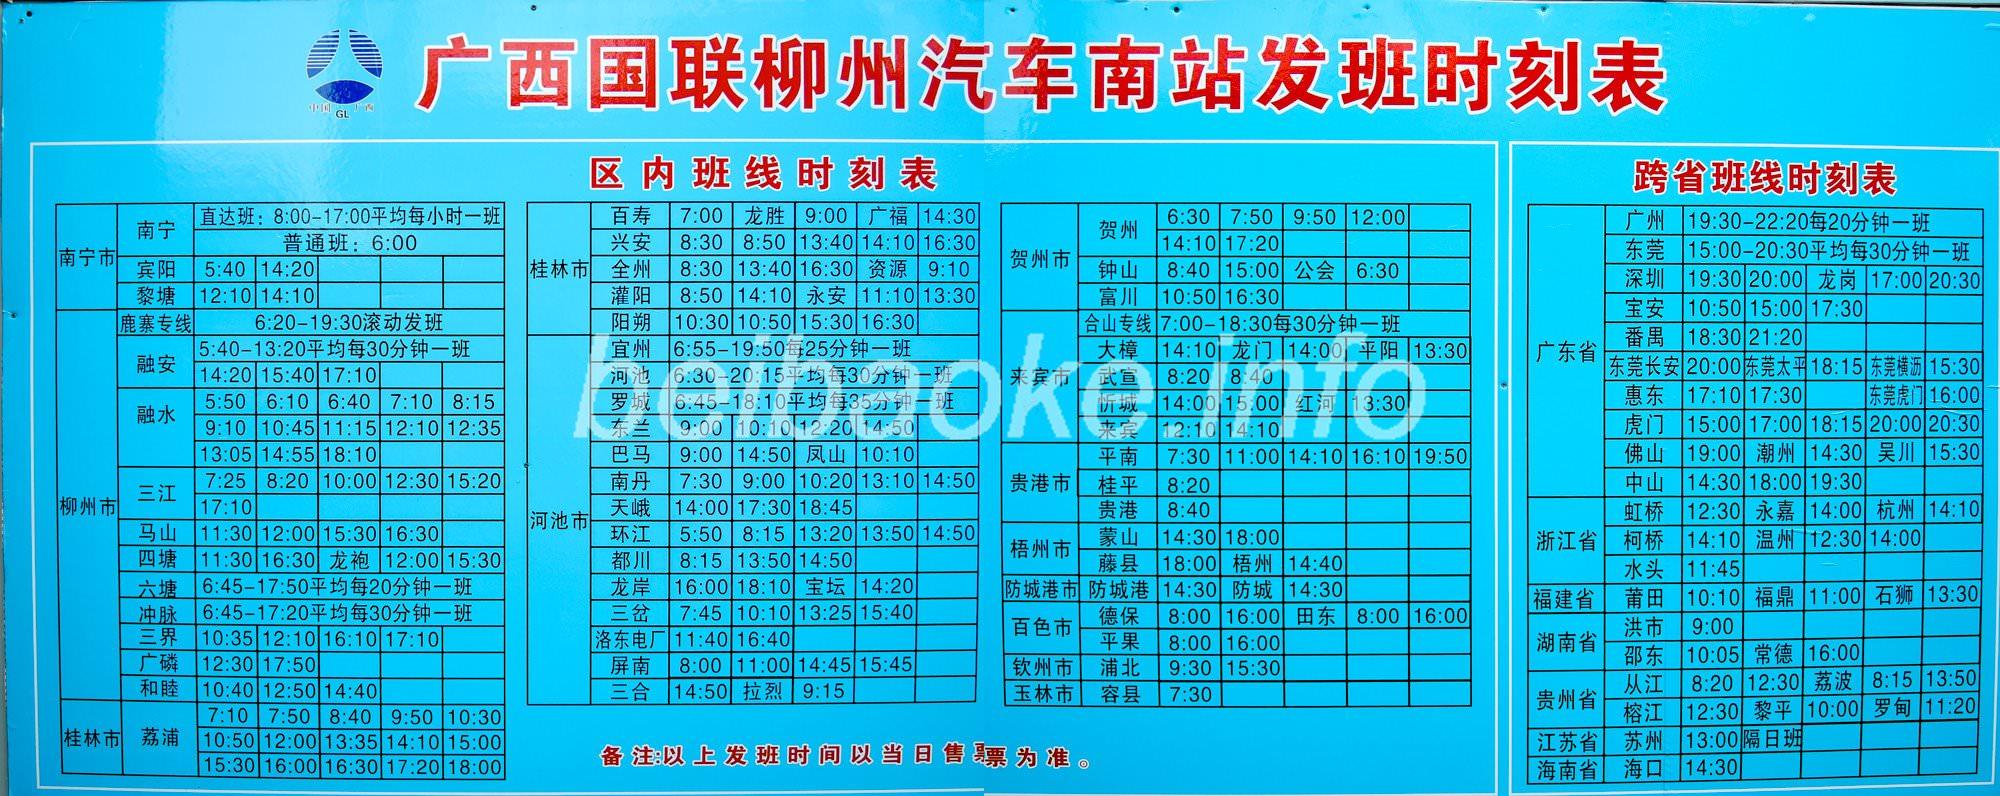 柳州汽車南站時刻表